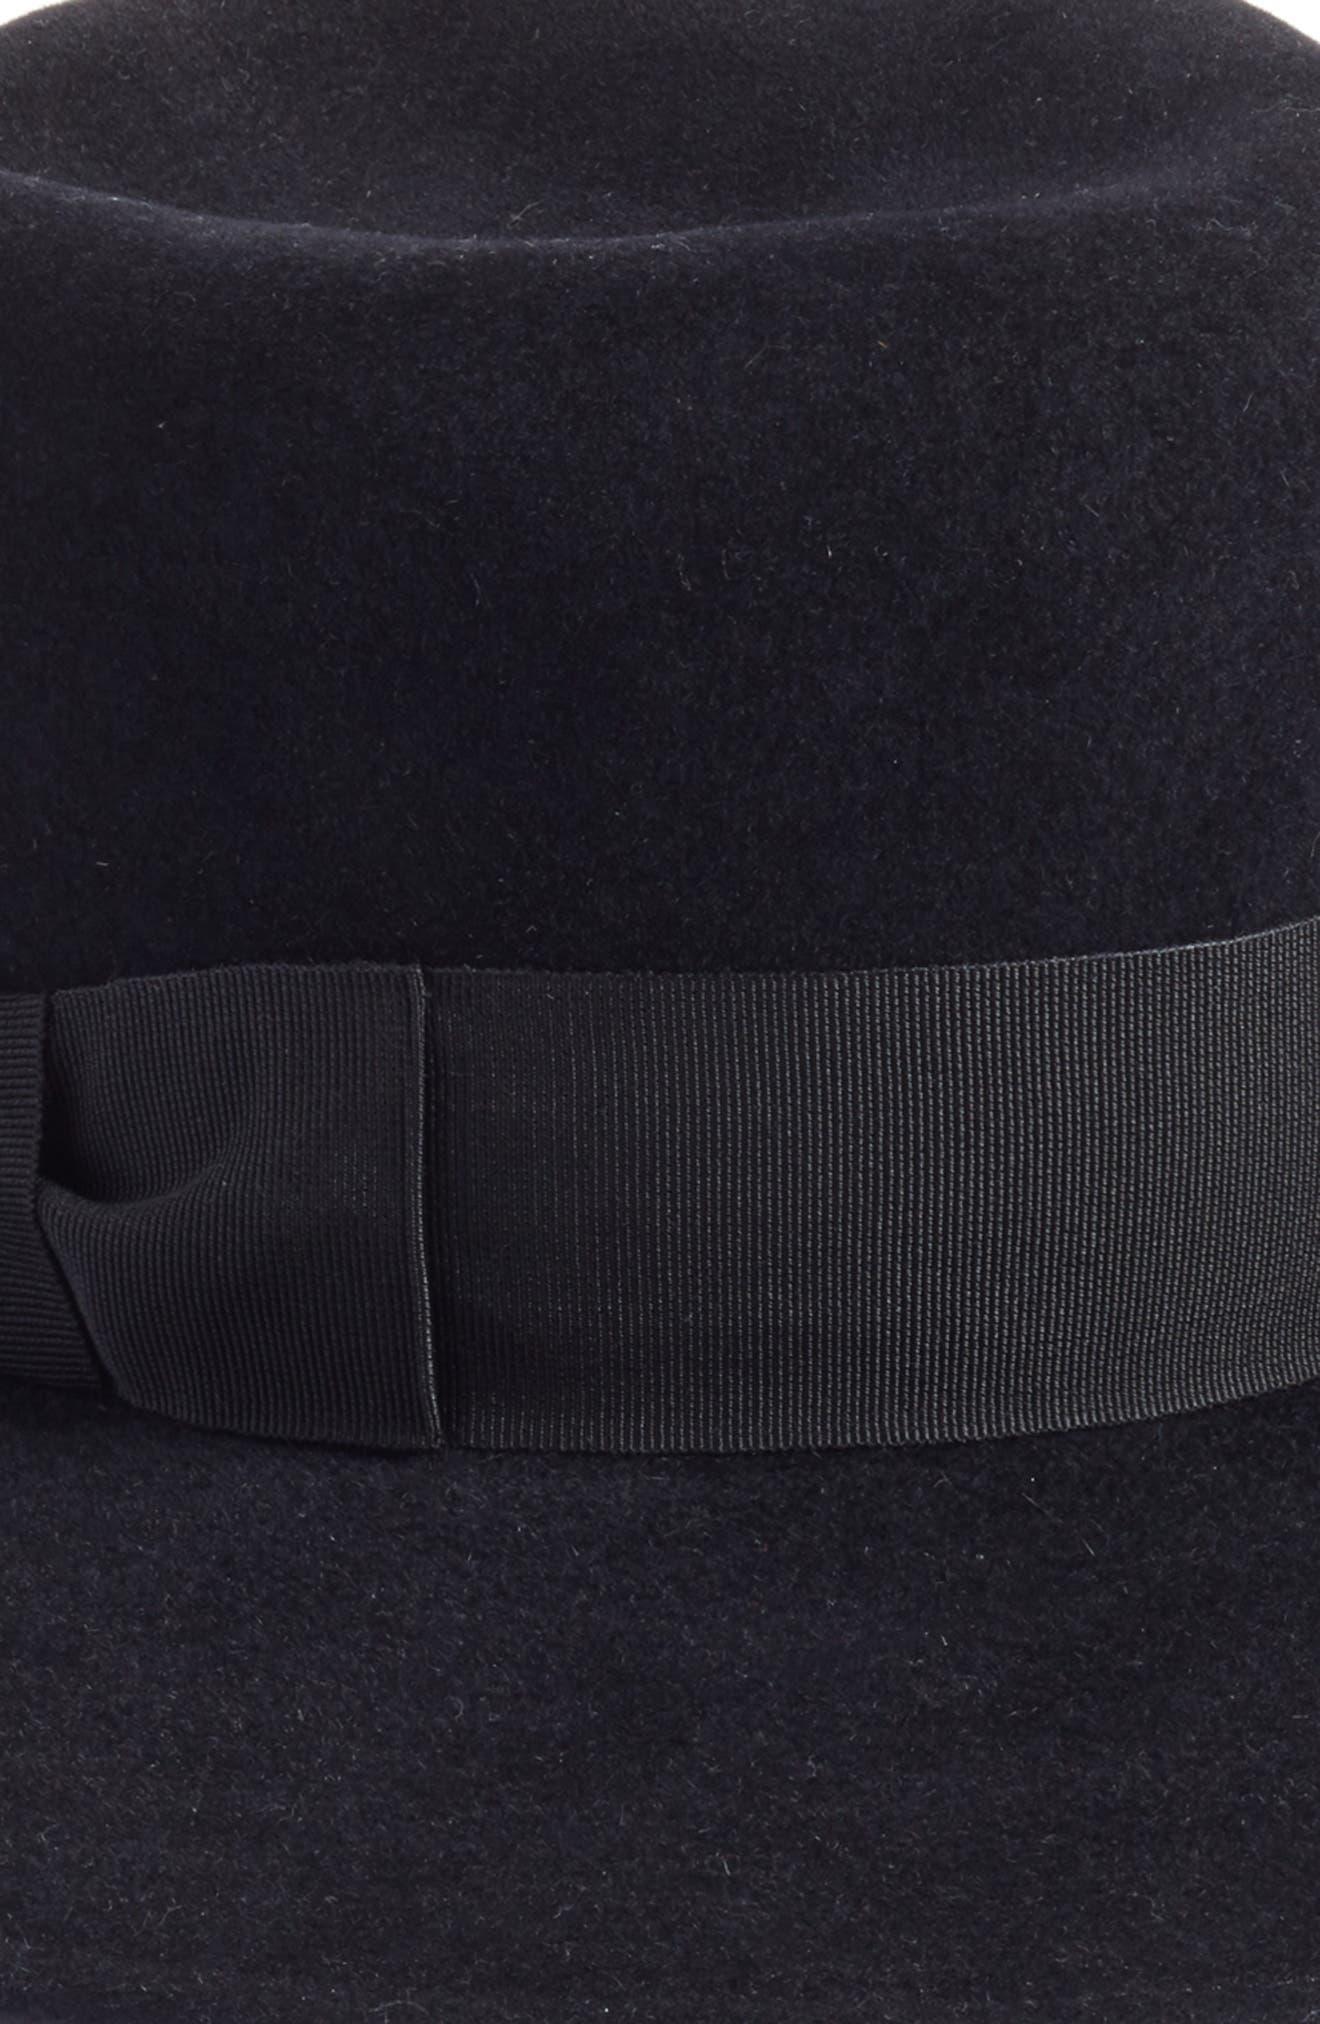 Velour Padre Fur Felt Wide Brim Hat,                             Alternate thumbnail 2, color,                             001